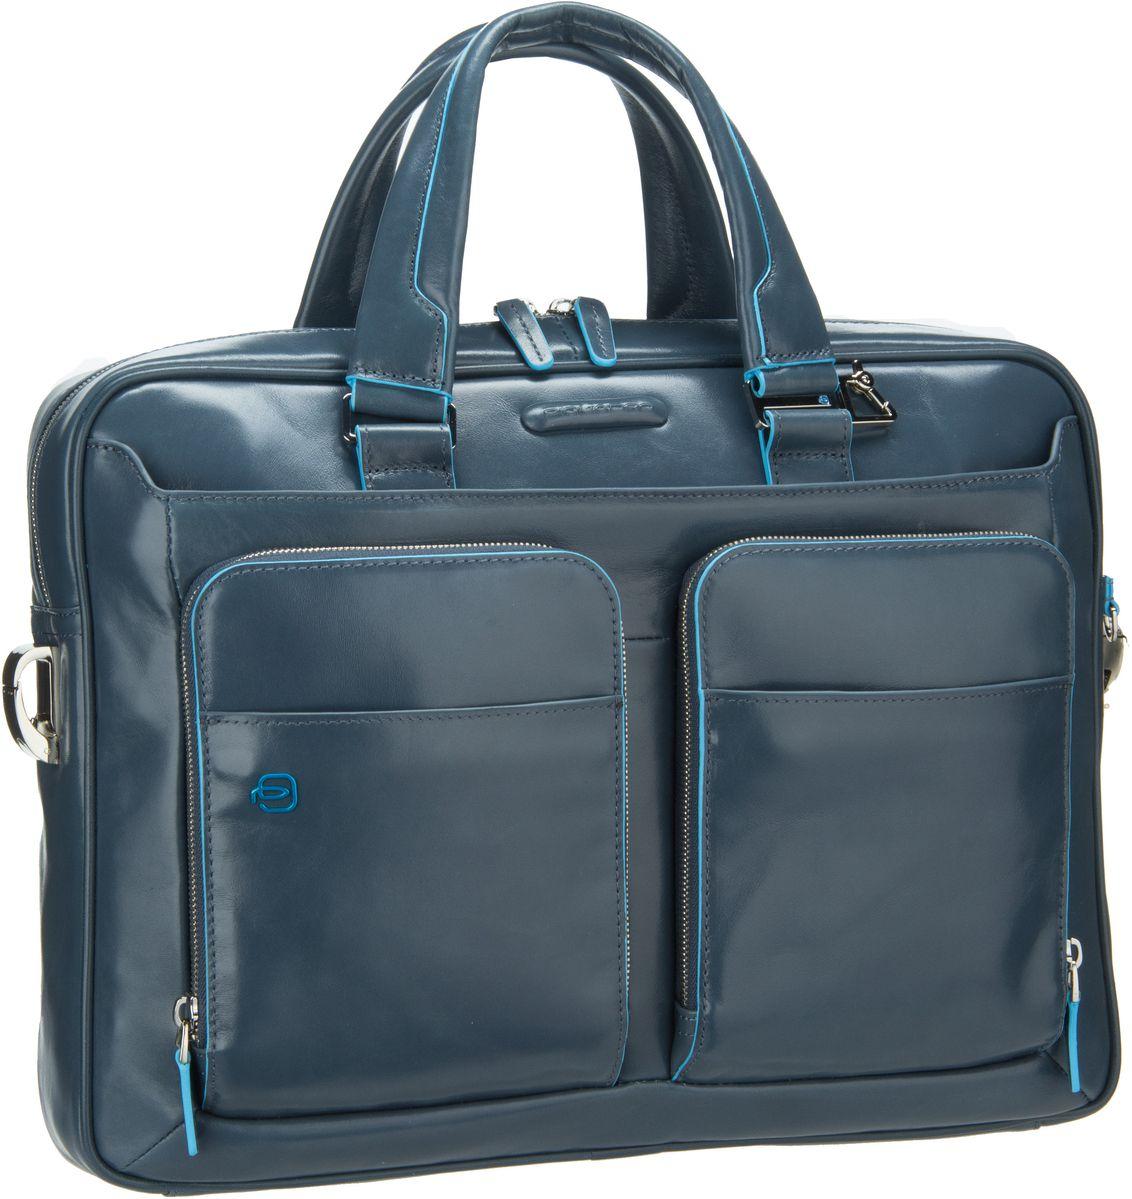 Businesstaschen für Frauen - Piquadro Blue Square Laptoptasche Avio (innen Grau) Aktentasche  - Onlineshop Taschenkaufhaus